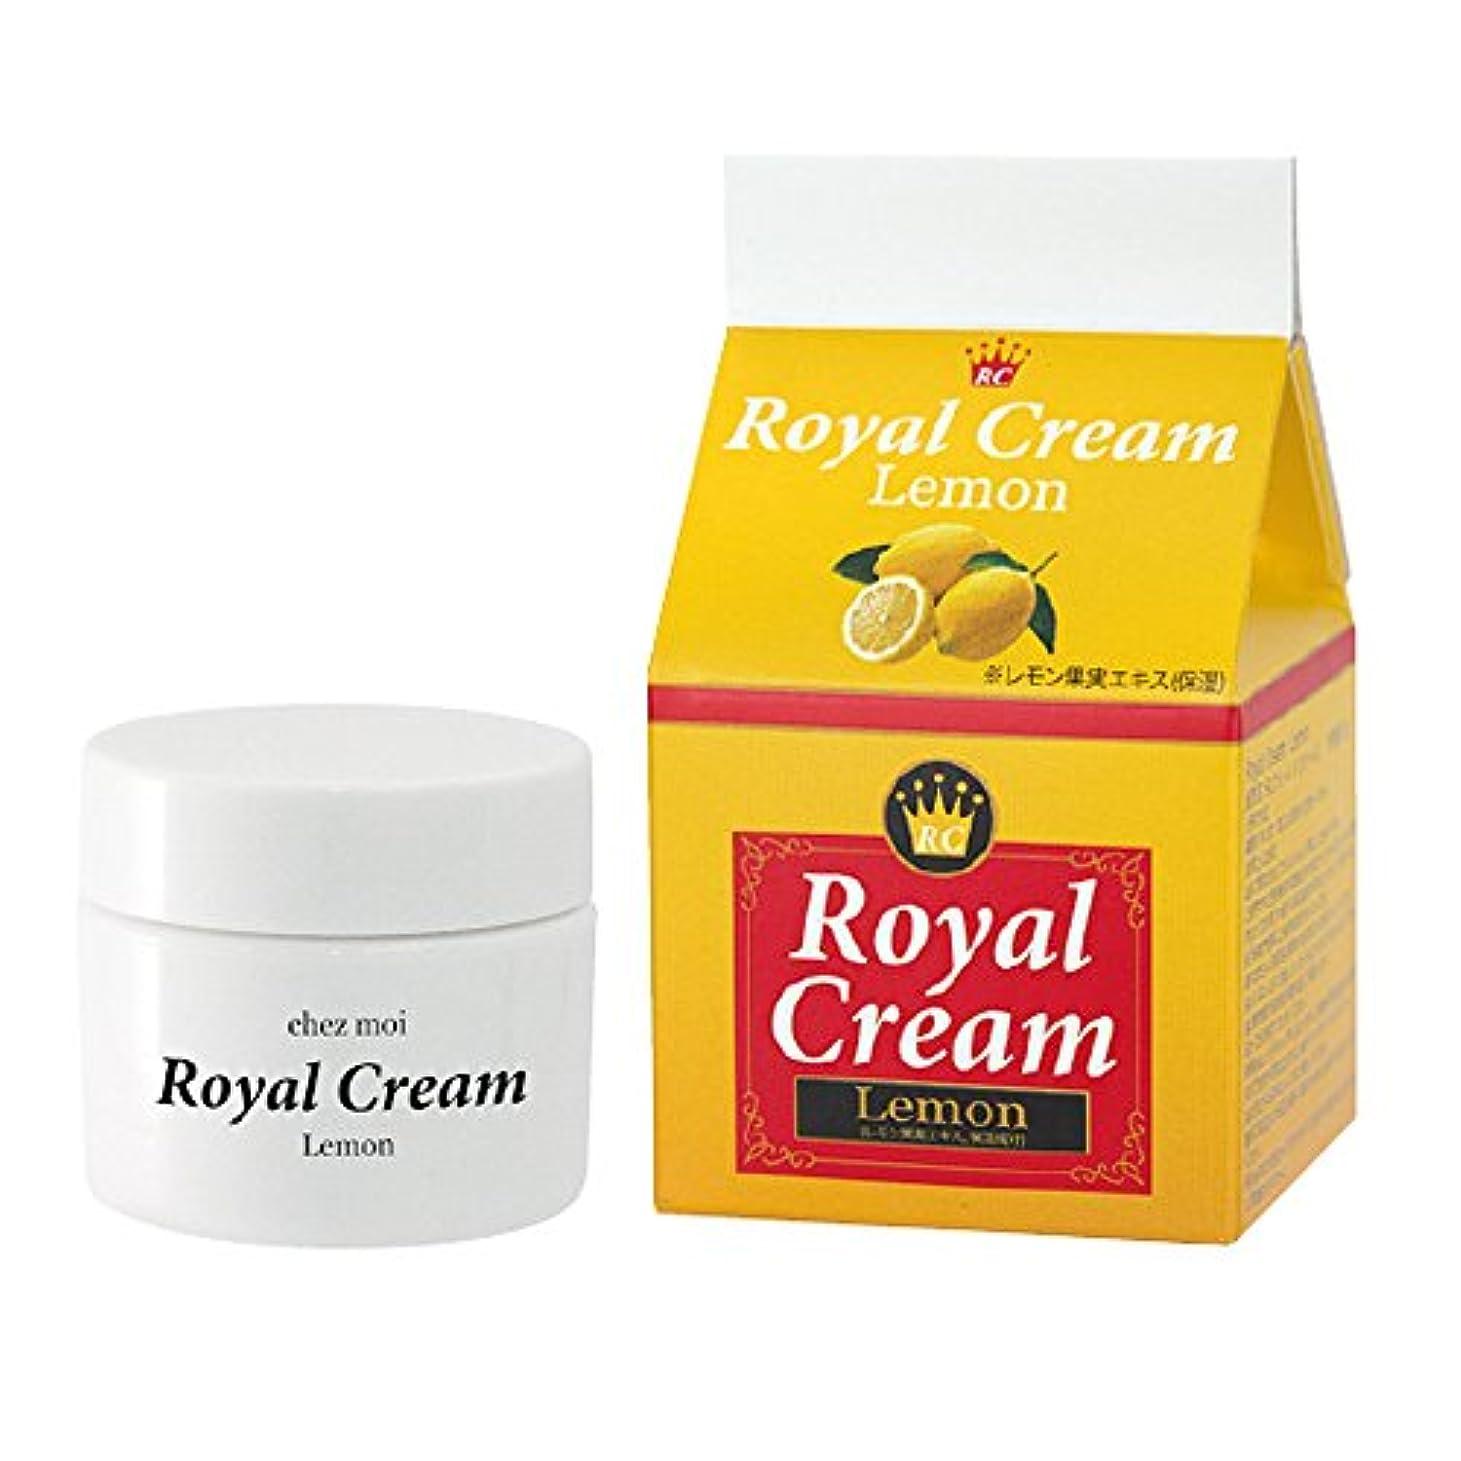 ハブブ知恵翻訳者シェモア Royal Cream Lemon(ロイヤルクリームレモン) 30g